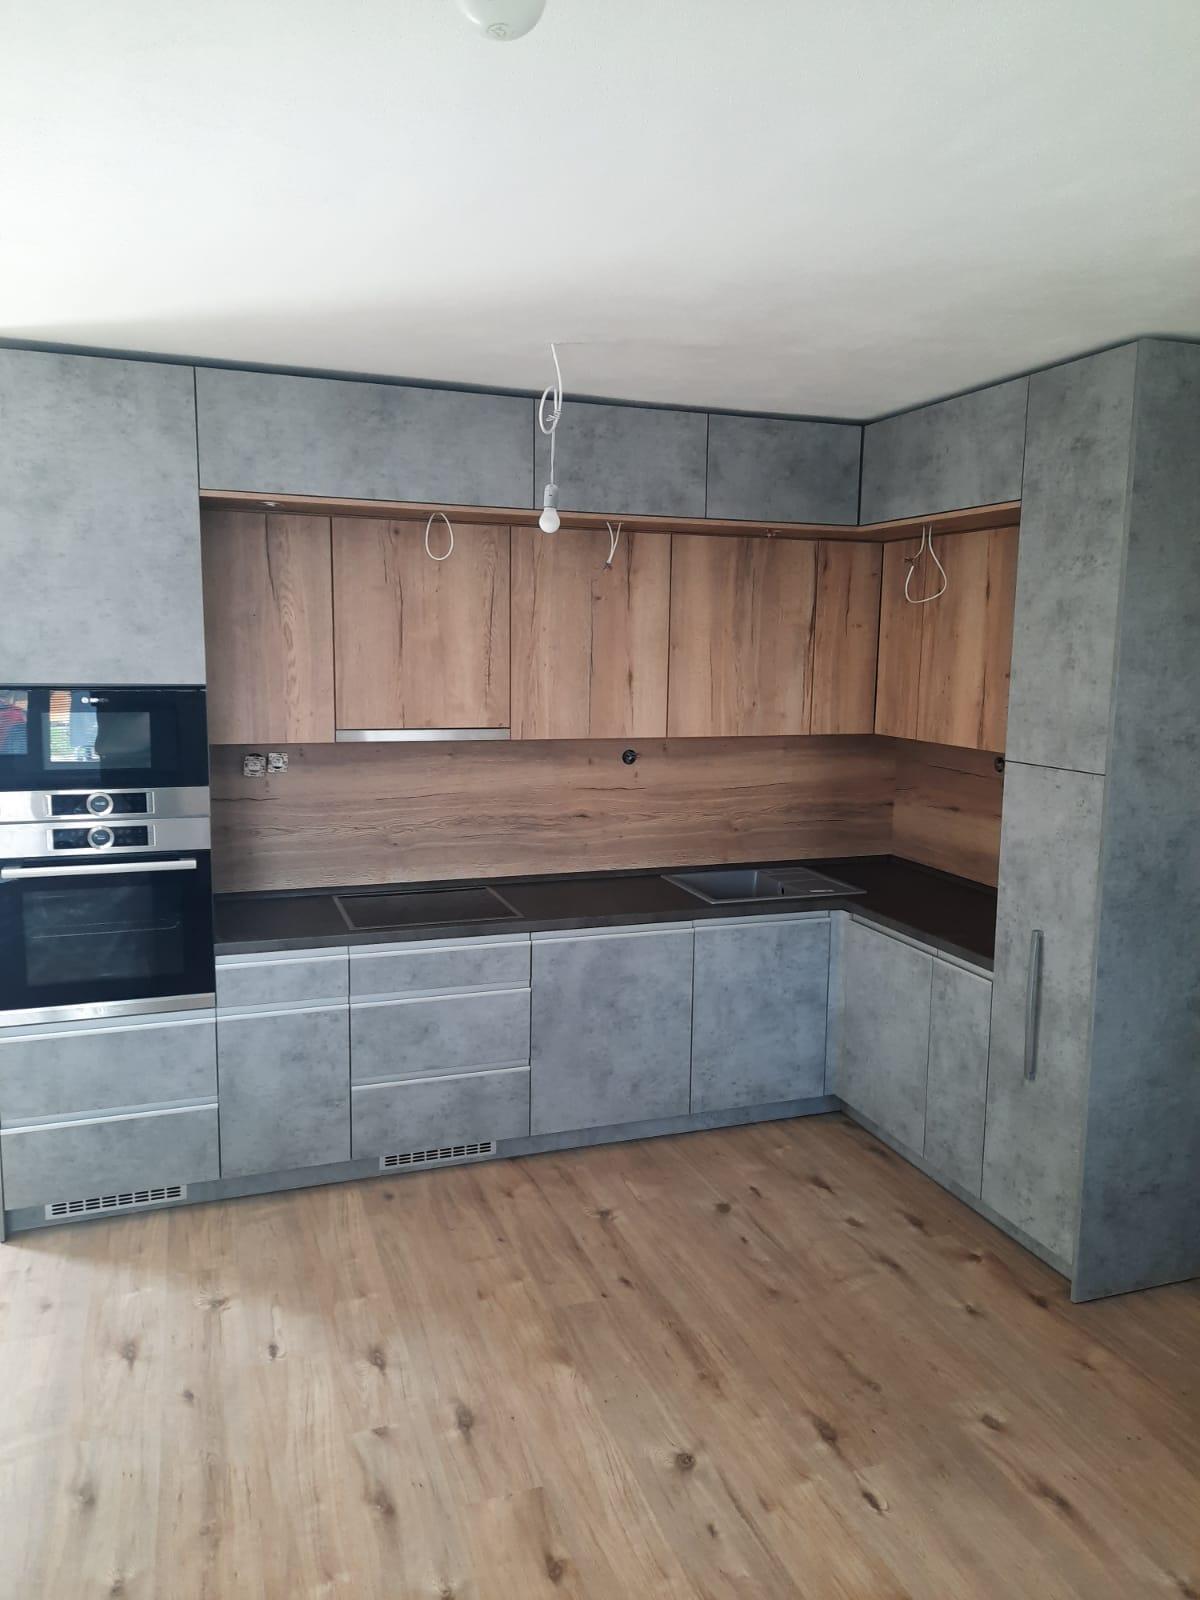 Naša nová kuchyňa, drevo a šedá podľa mňa idú k sebe 🙂 - Obrázok č. 1